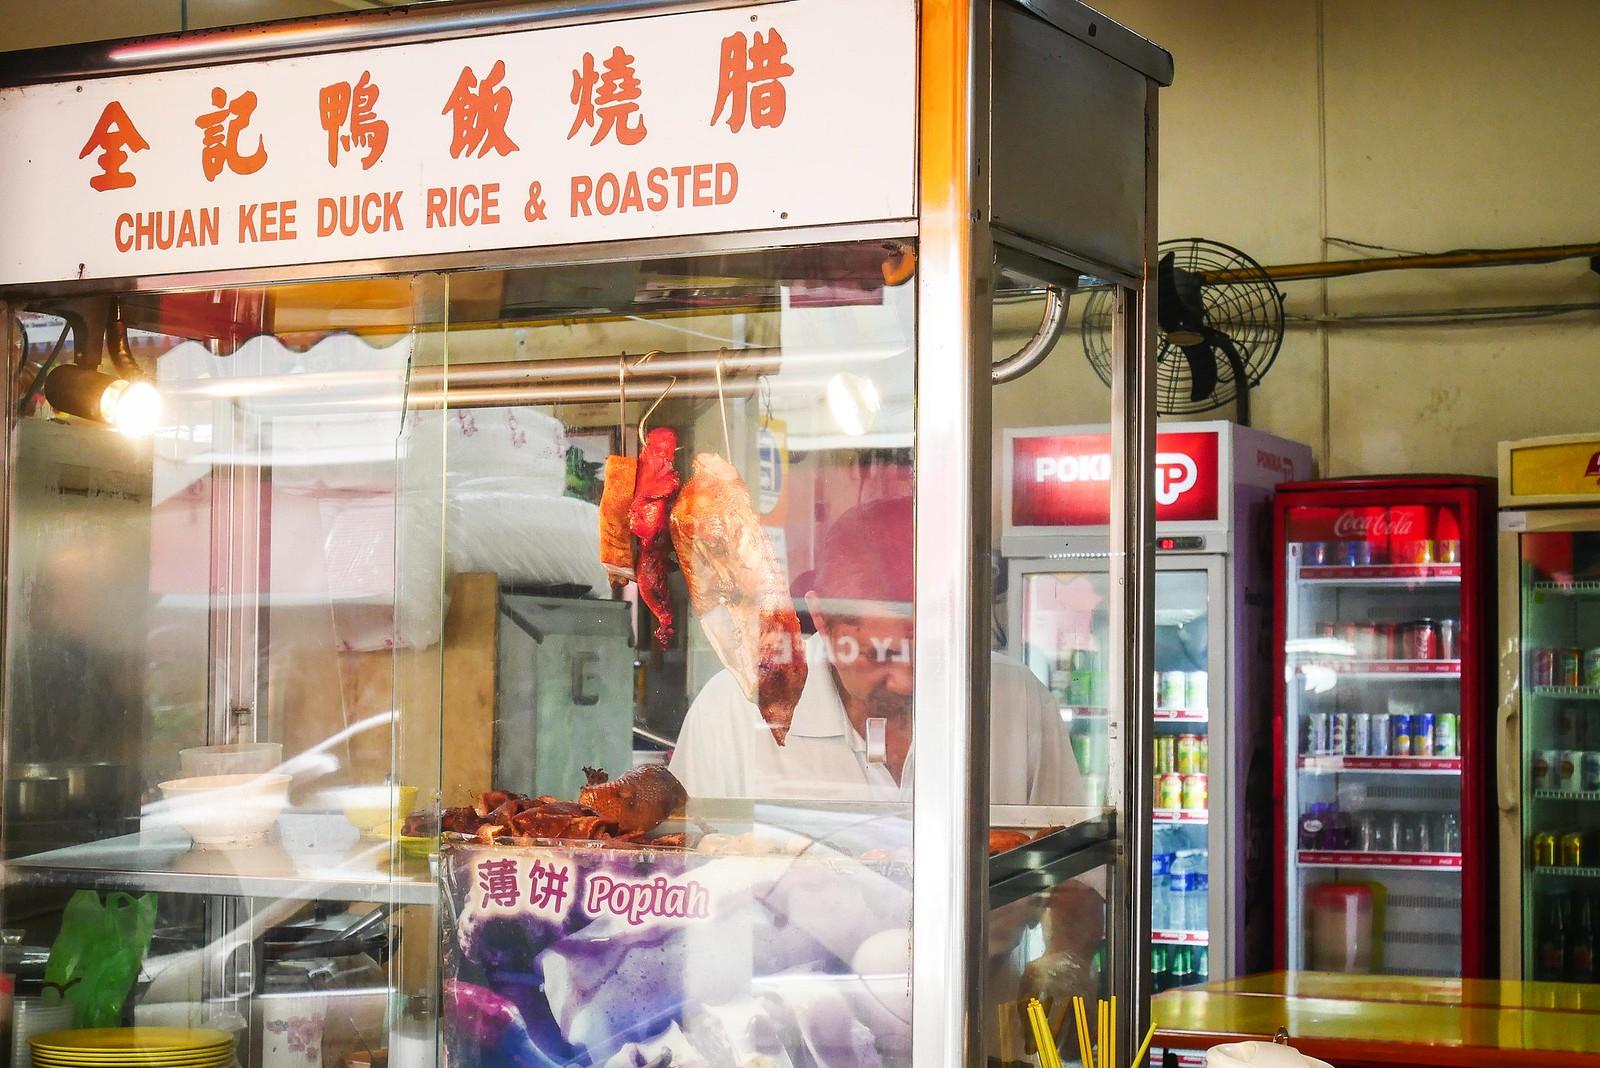 Chuan Kee Stall